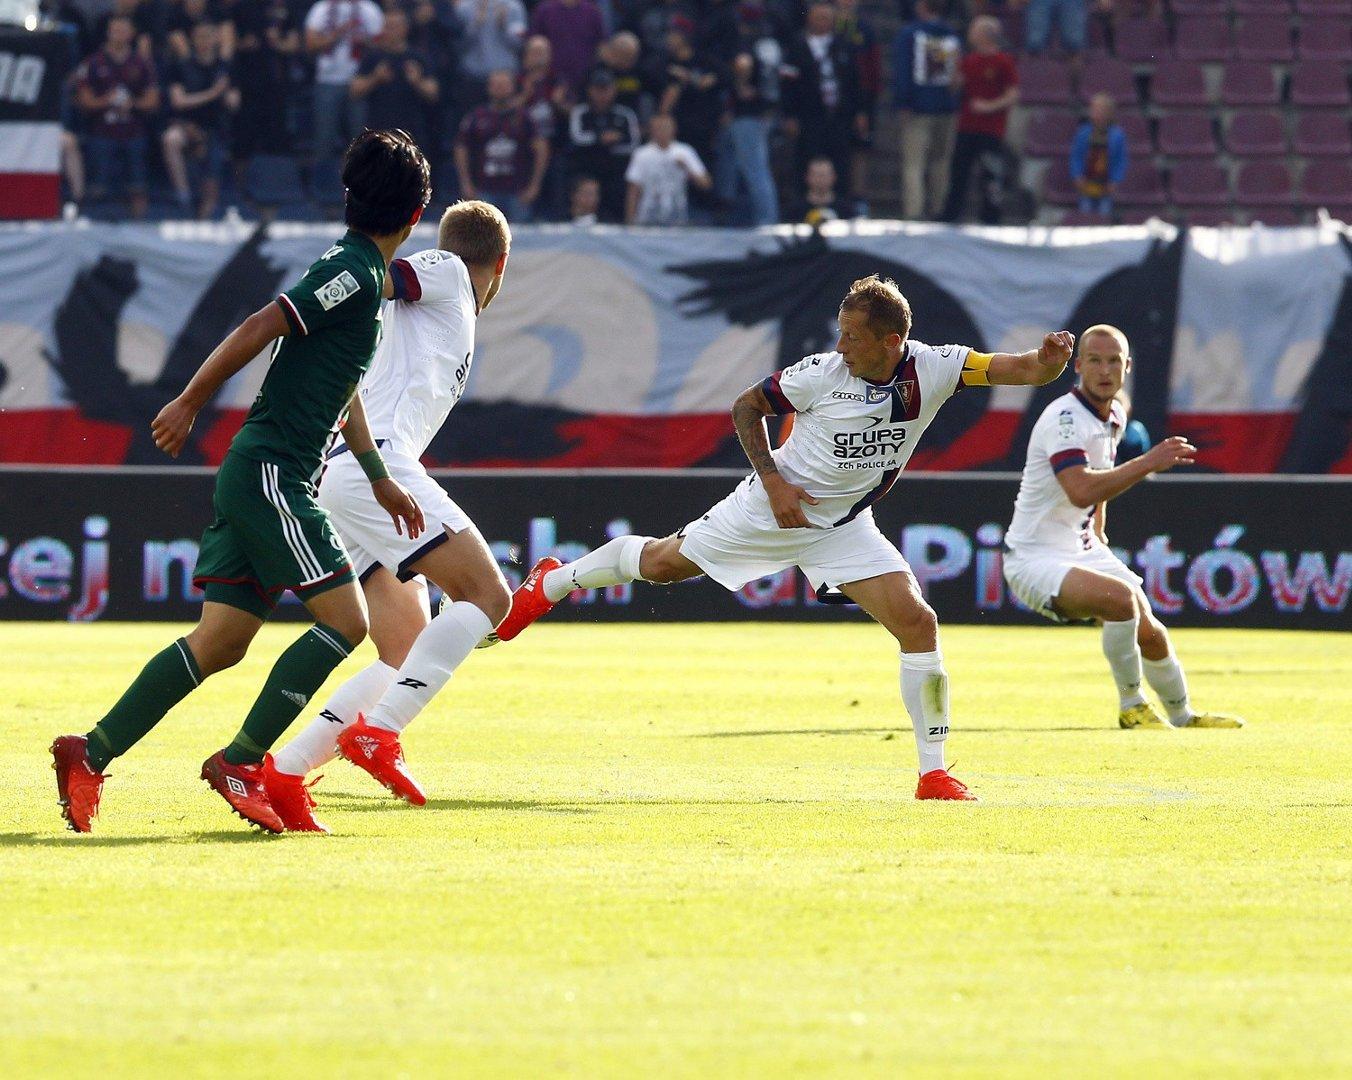 0b2cd13375019 Portowcy (białe stroje) bardzo chcą wygrać pierwszy swój mecz w sezonie.  Dziś doskonała